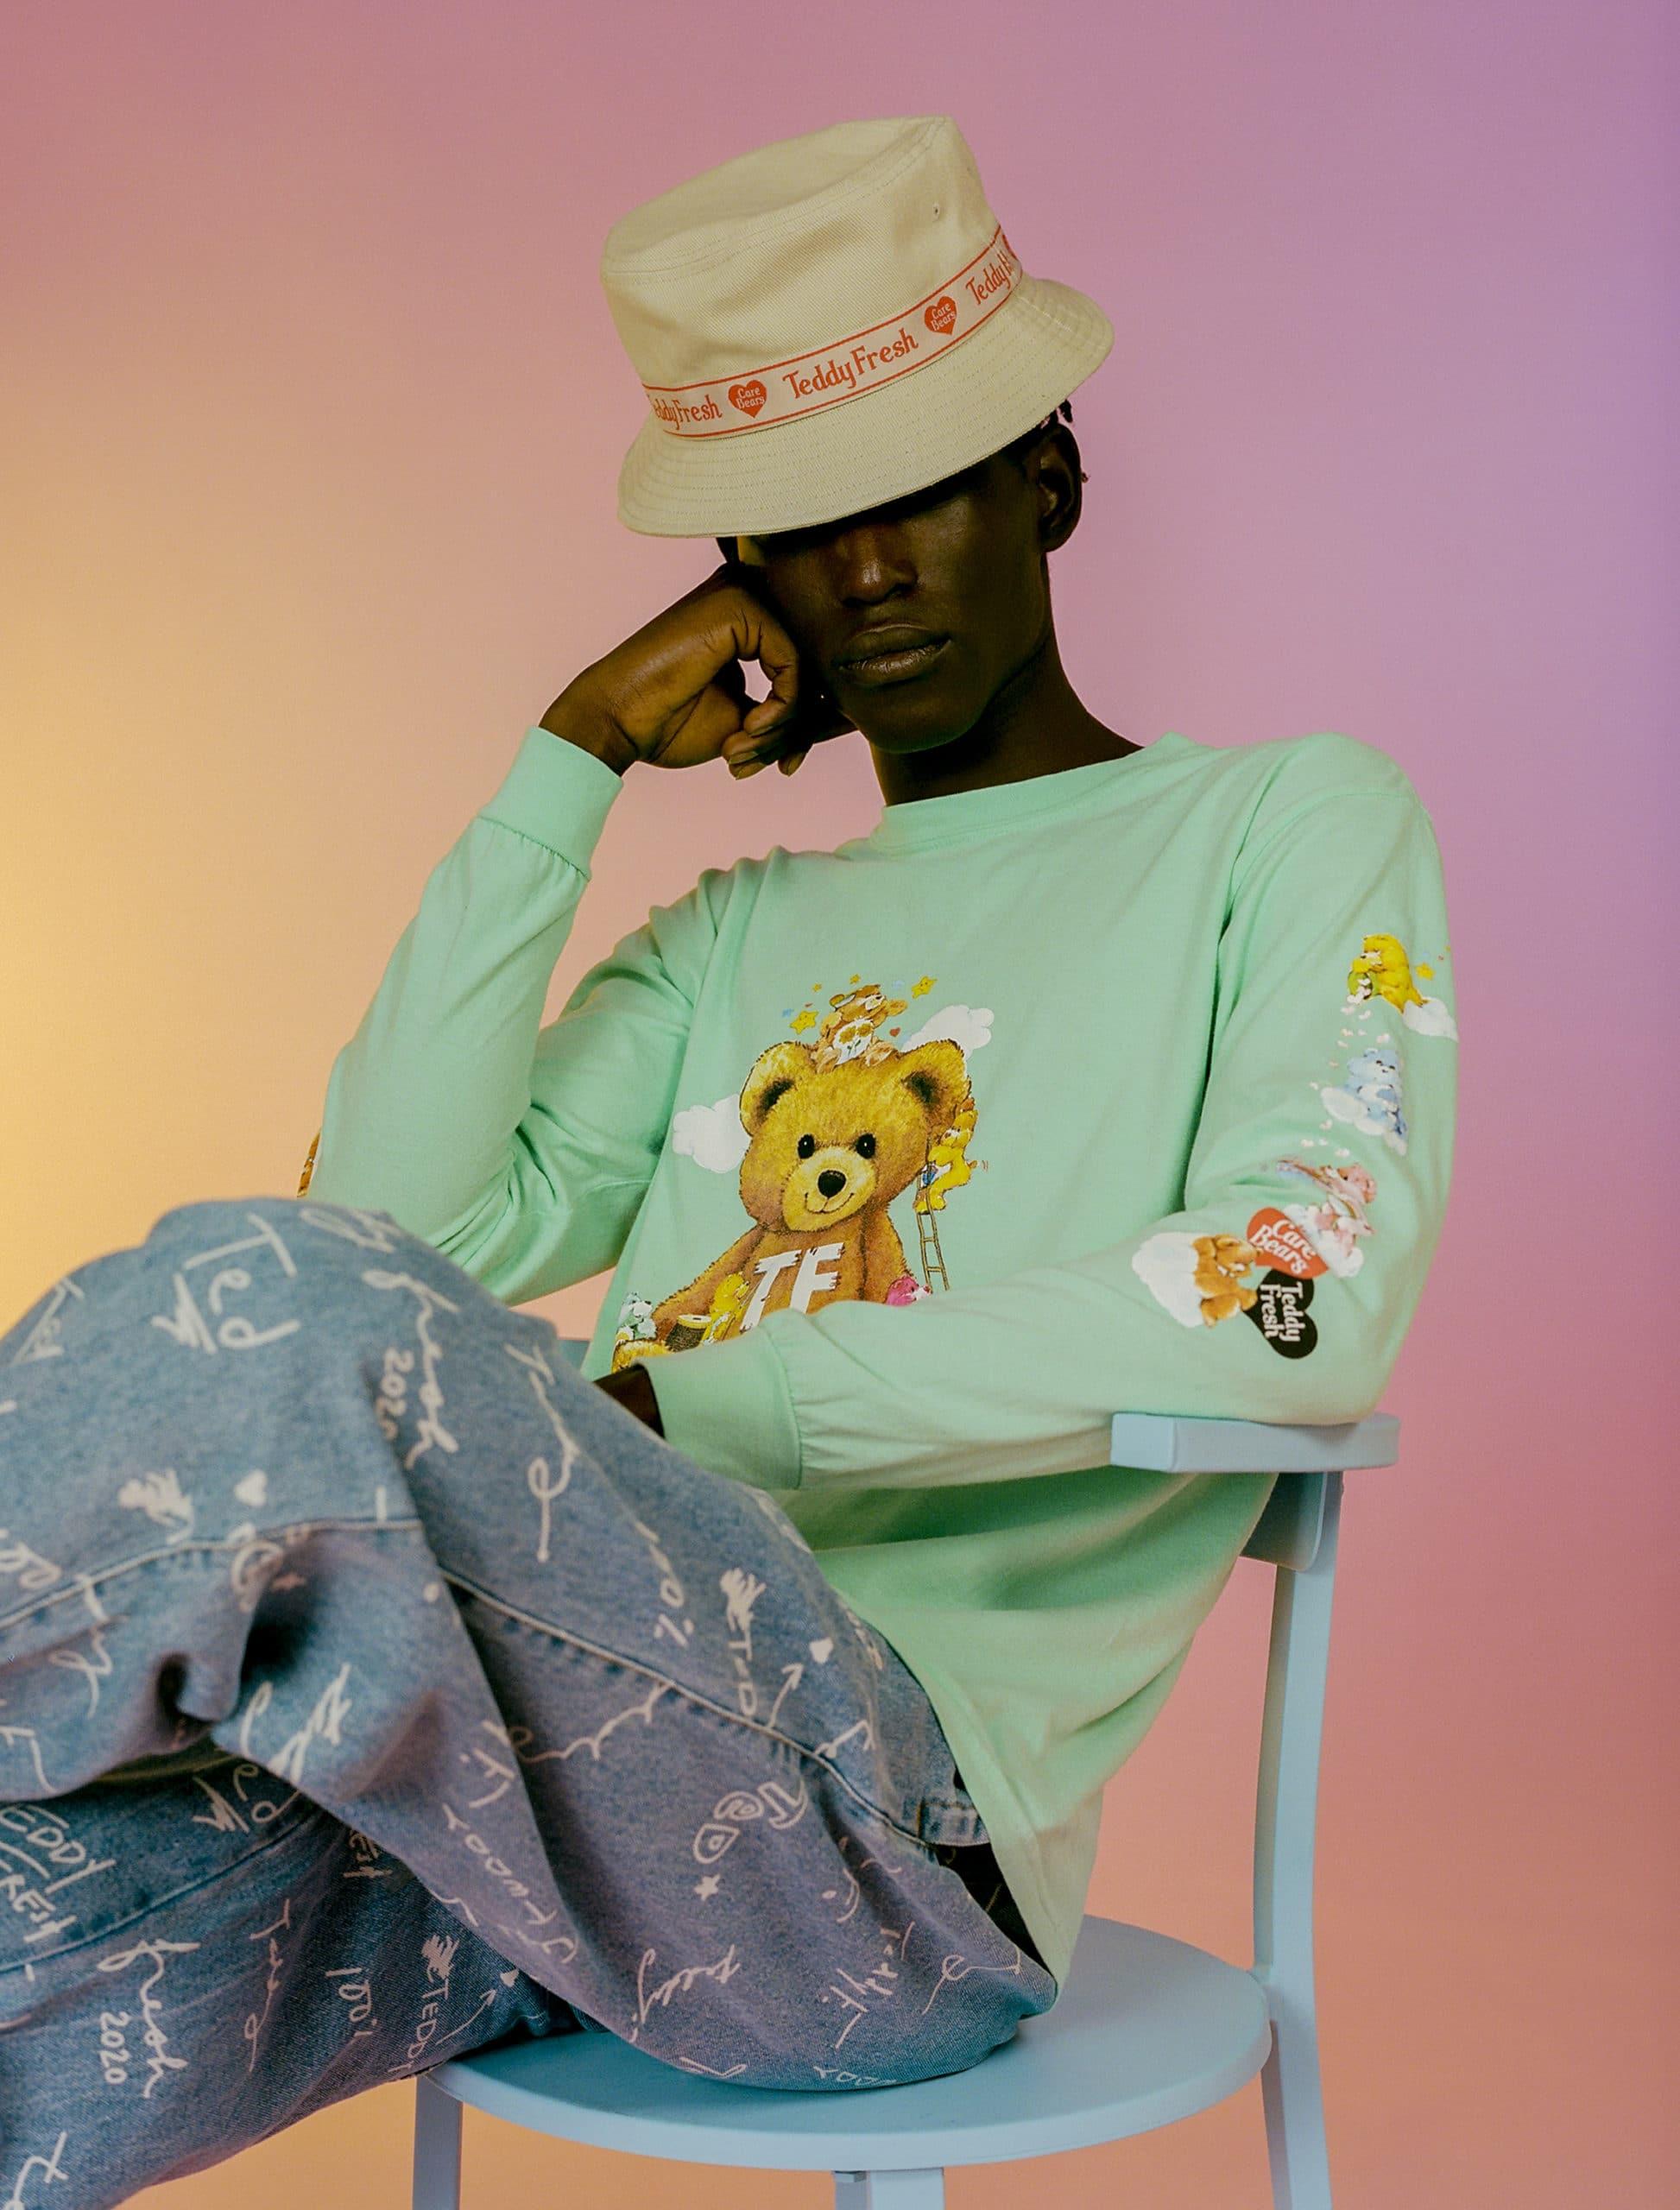 Teddy Fresh x Care Bears